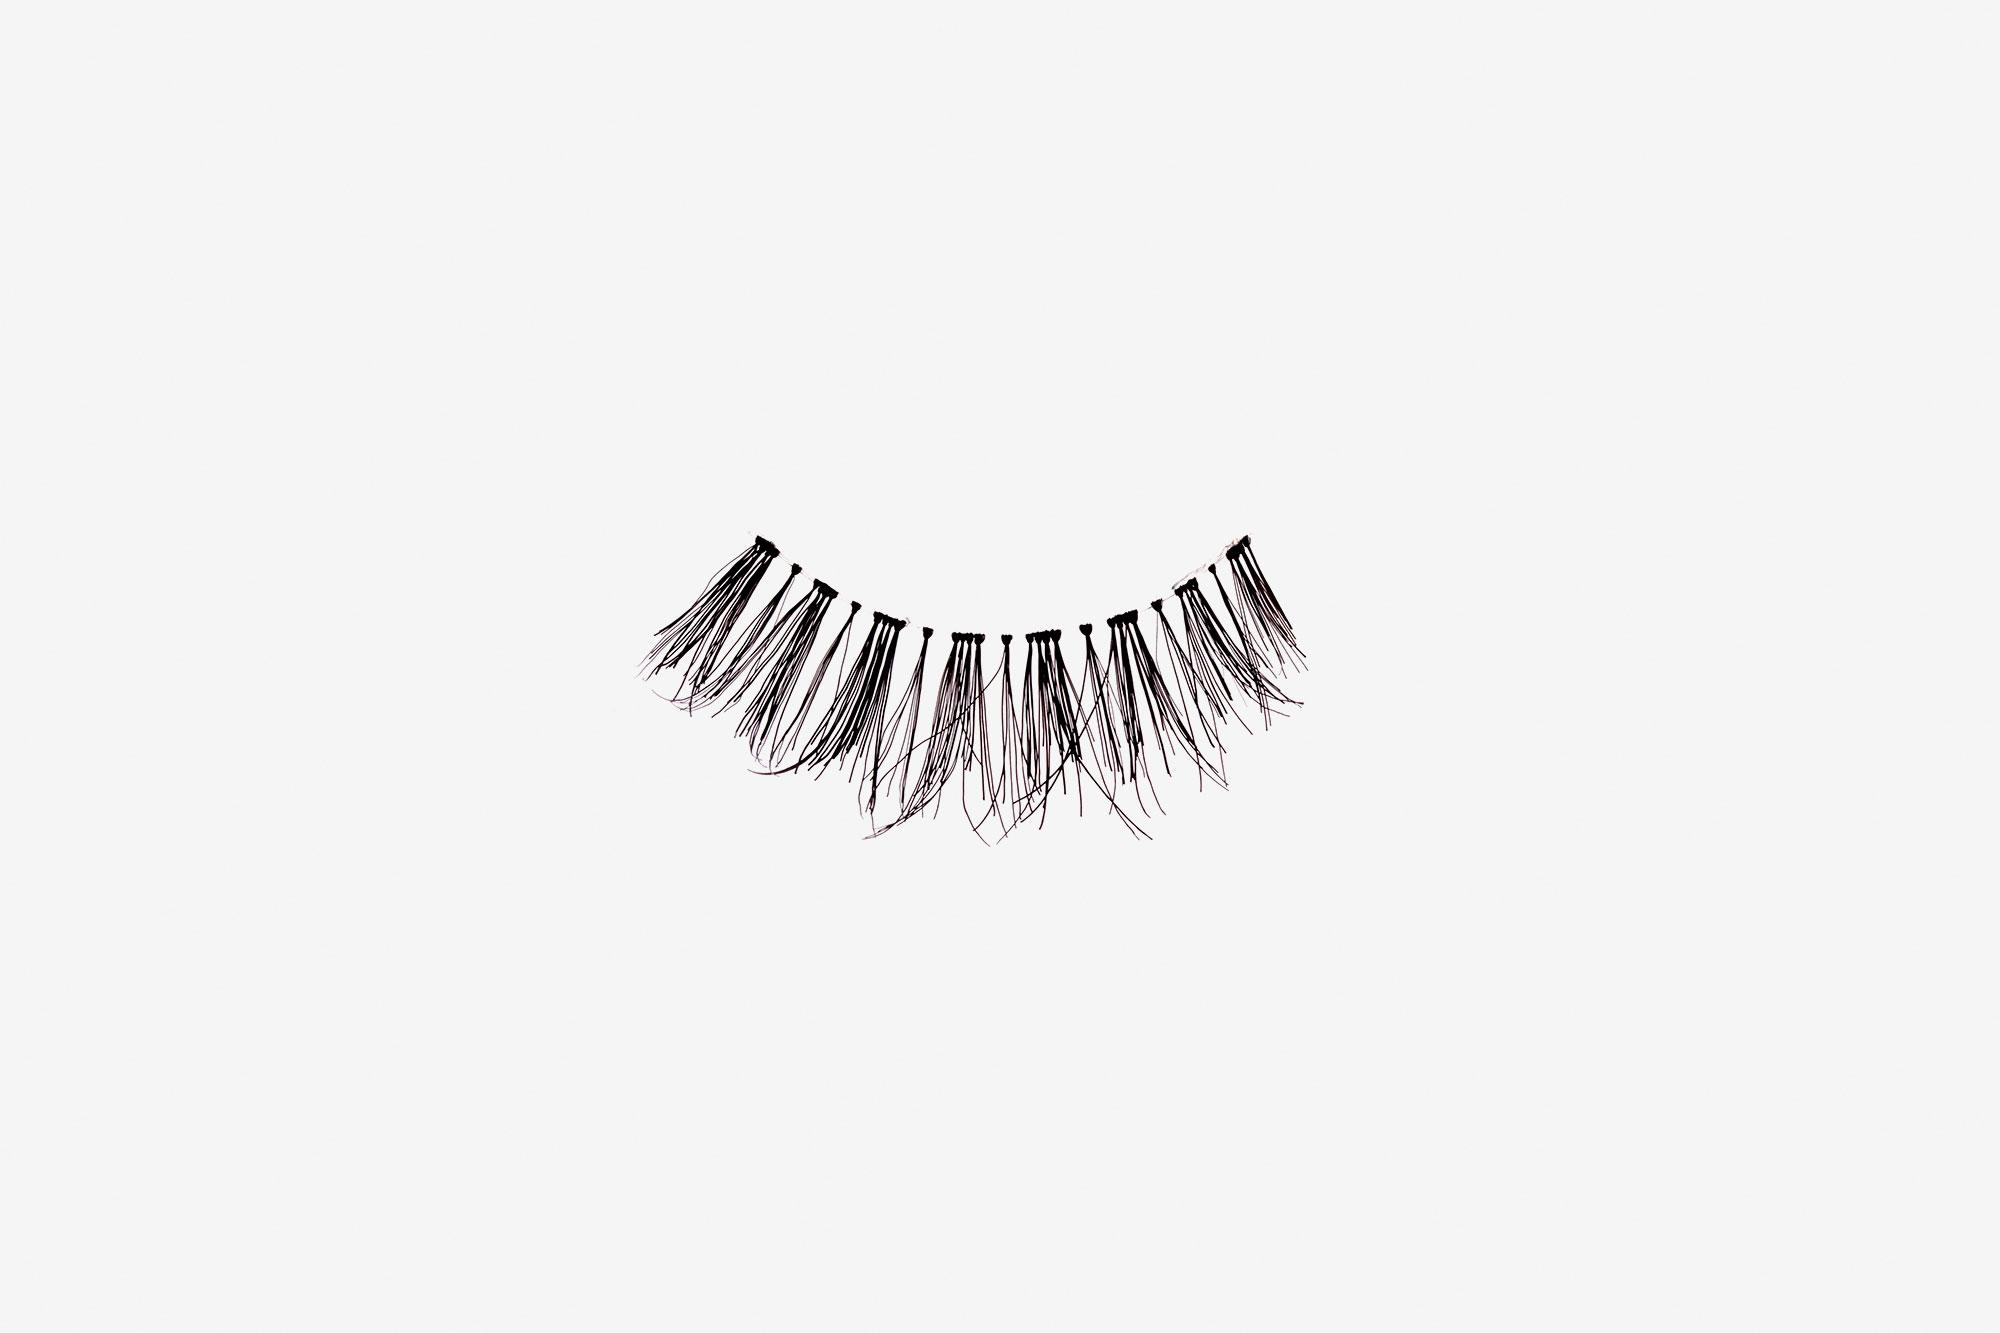 Penelopy False Eyelashes, single false lash on grey background